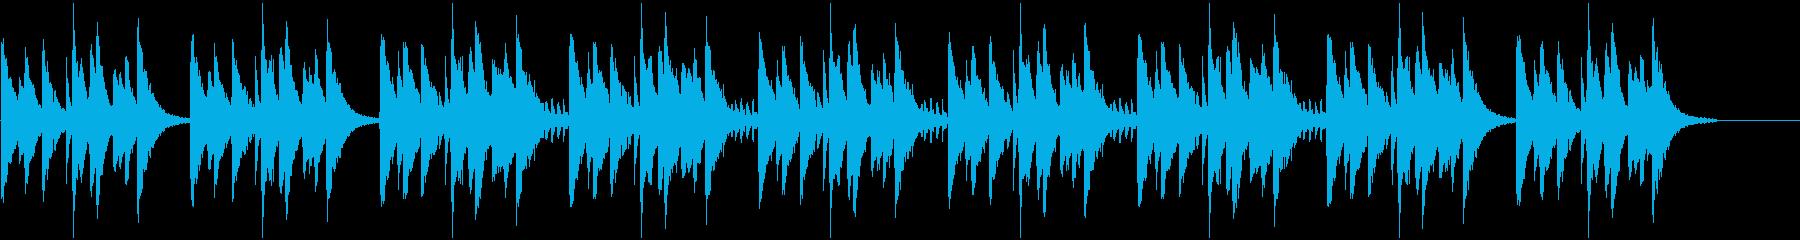 大人っぽい艶やかなピアノBGMの再生済みの波形